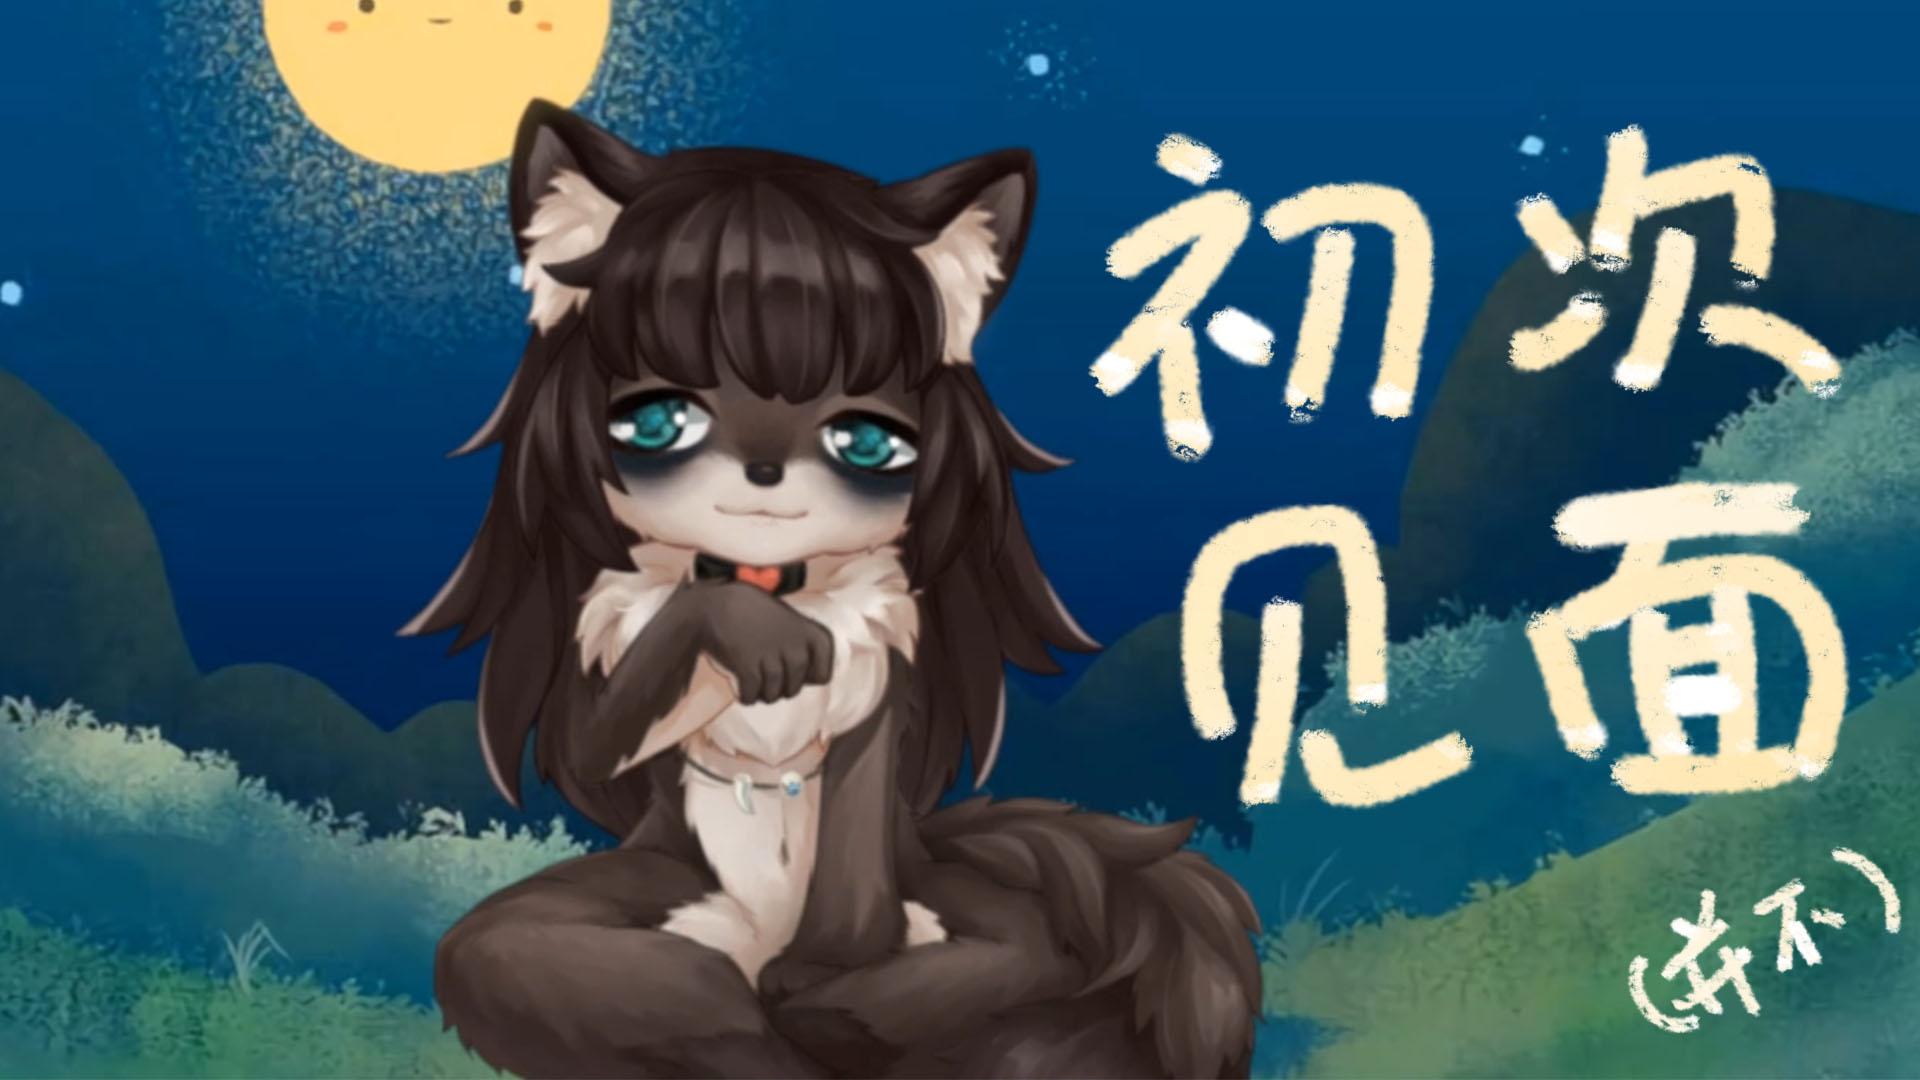 【自我介绍】灰不溜秋的狼崽出道也有人喜欢吗